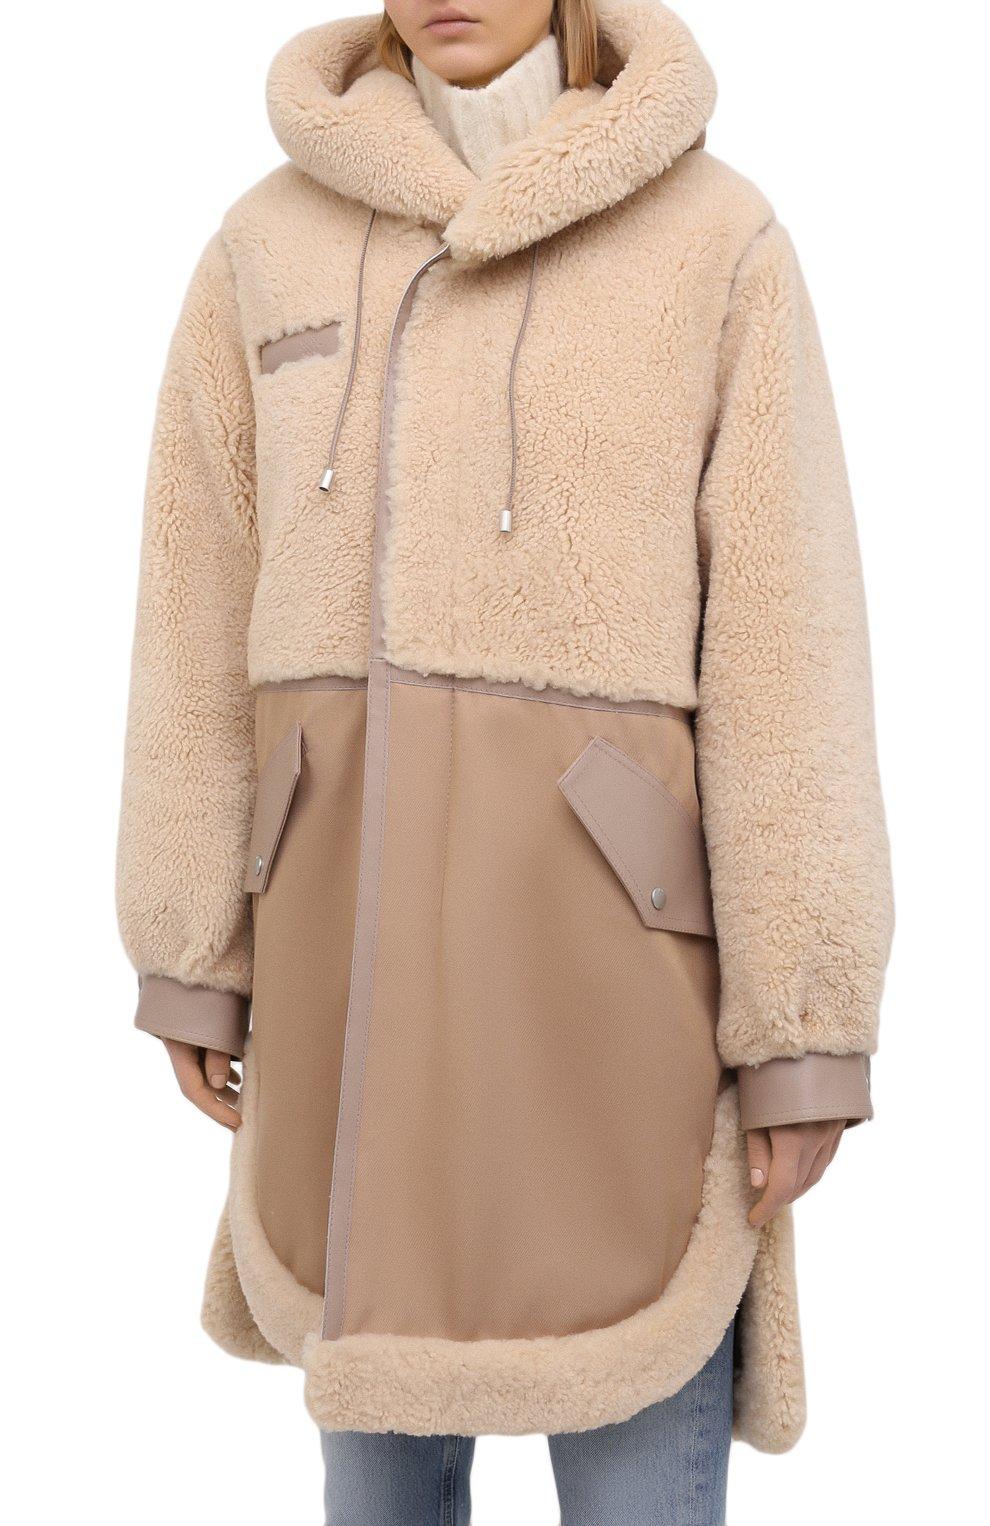 Женская дубленка MR&MRS ITALY коричневого цвета, арт. 211XPK0319   Фото 3 (Рукава: Длинные; Материал внешний: Натуральный мех, Хлопок; Длина (верхняя одежда): До колена; Материал подклада: Синтетический материал; Стили: Кэжуэл)